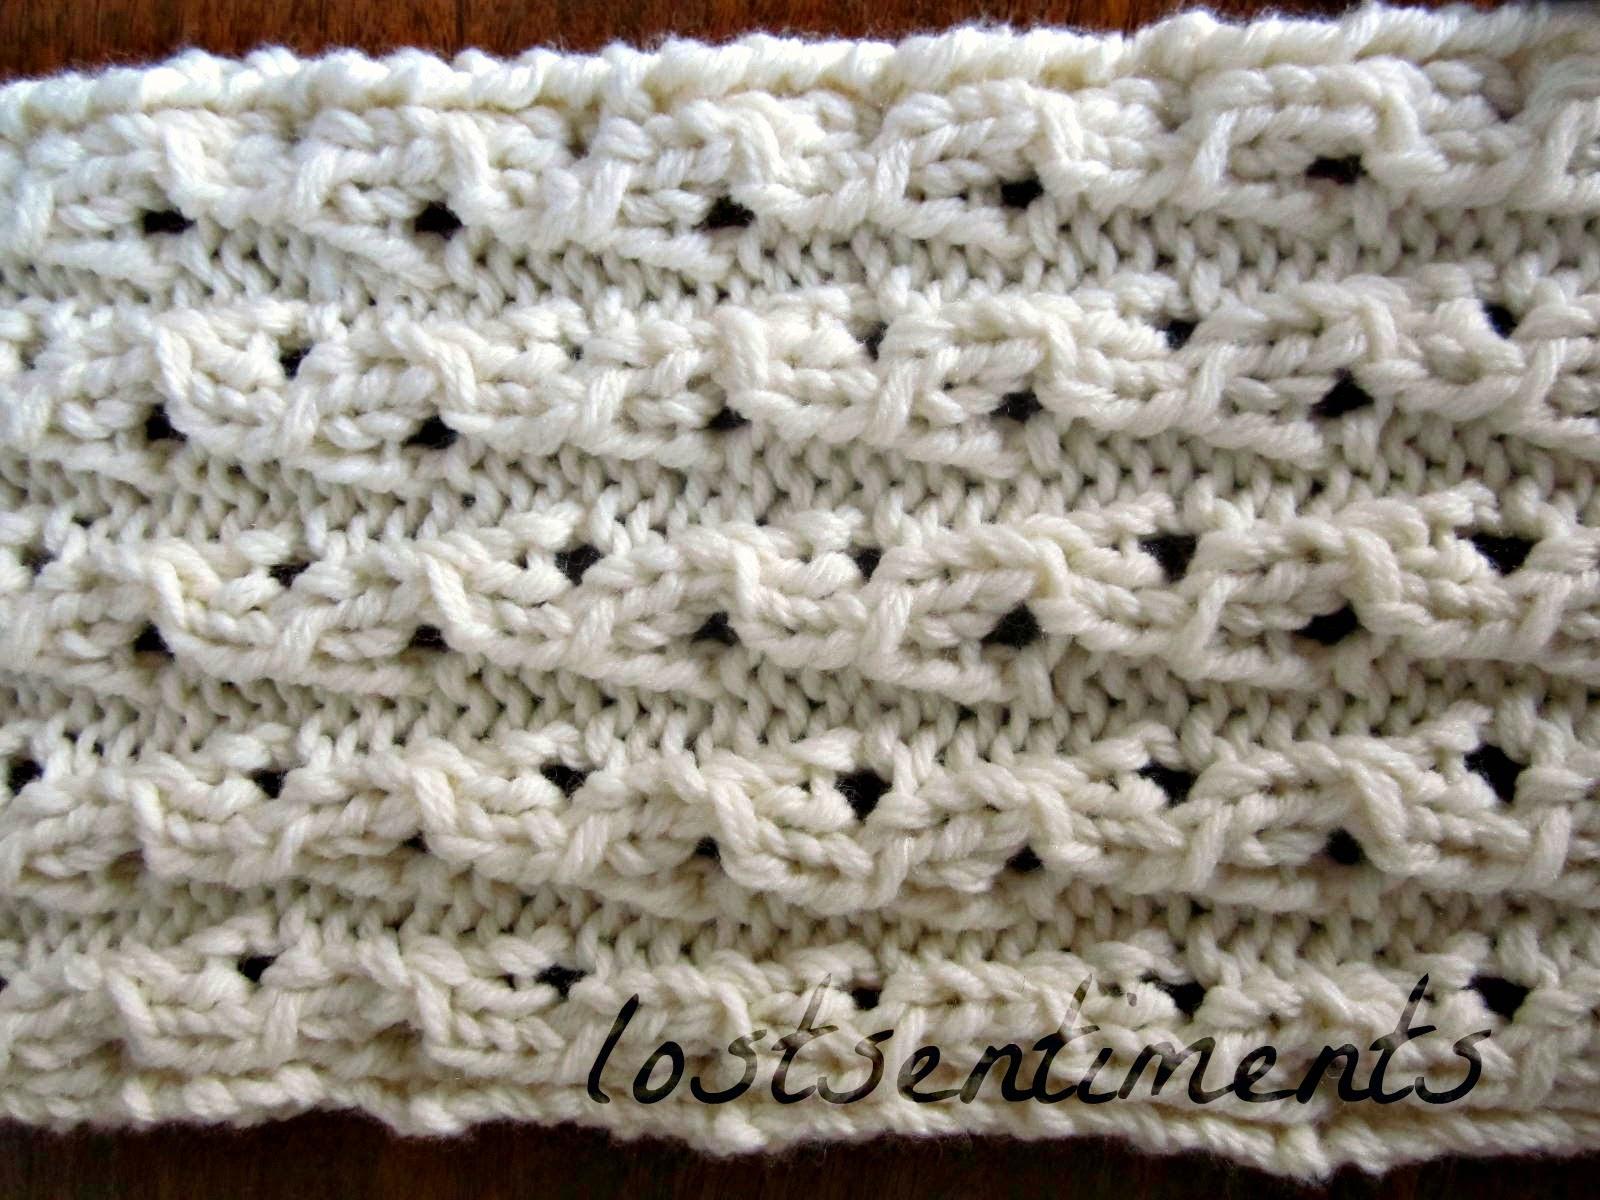 lostsentiments: Coconut Milk Peekaboo Lace Scarf Pattern - FREE Knitting Pattern